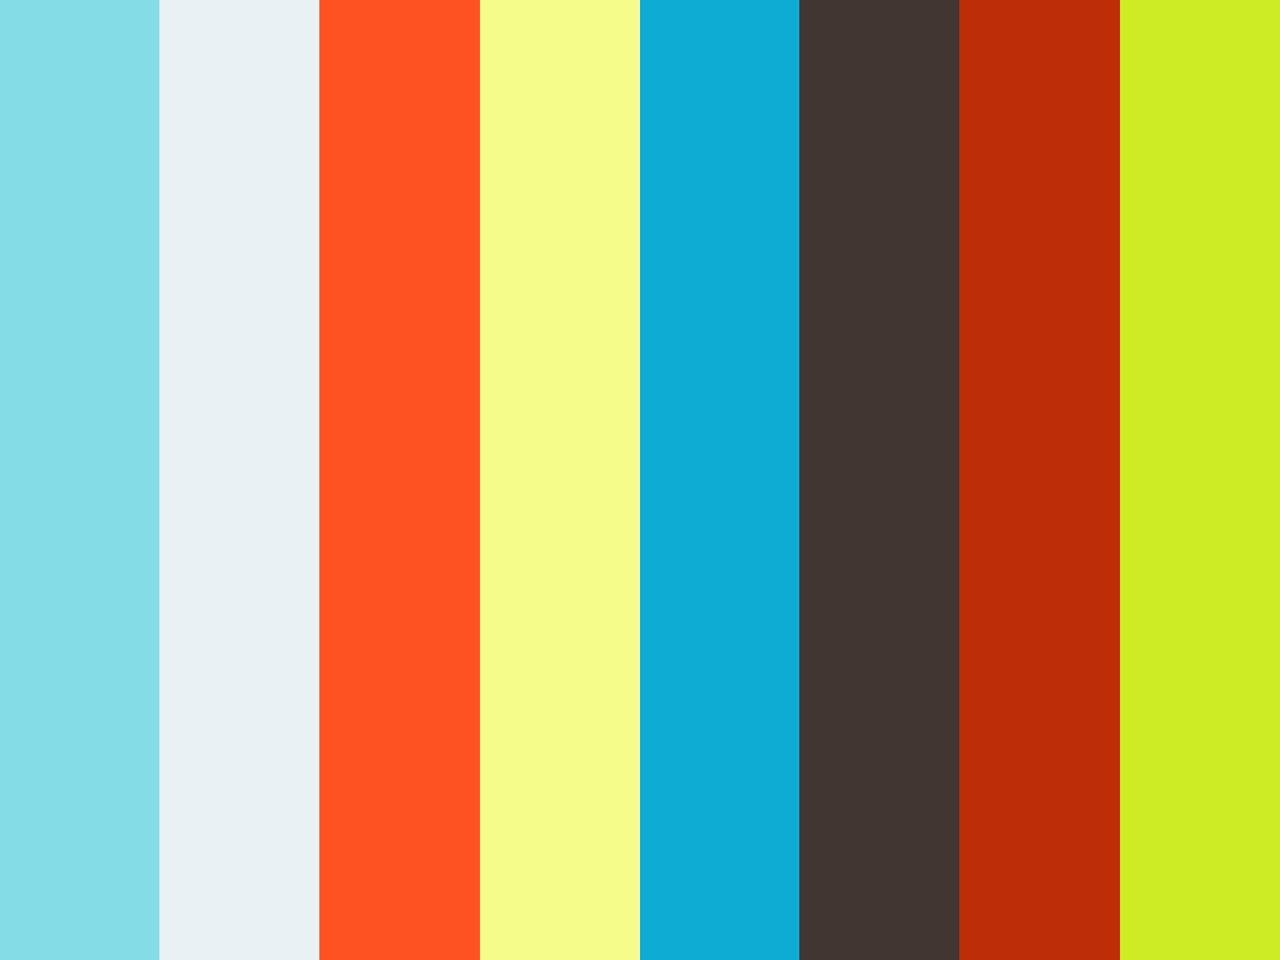 20170910 br. A. Rietveld, Thema: Tijd voor bezinning.